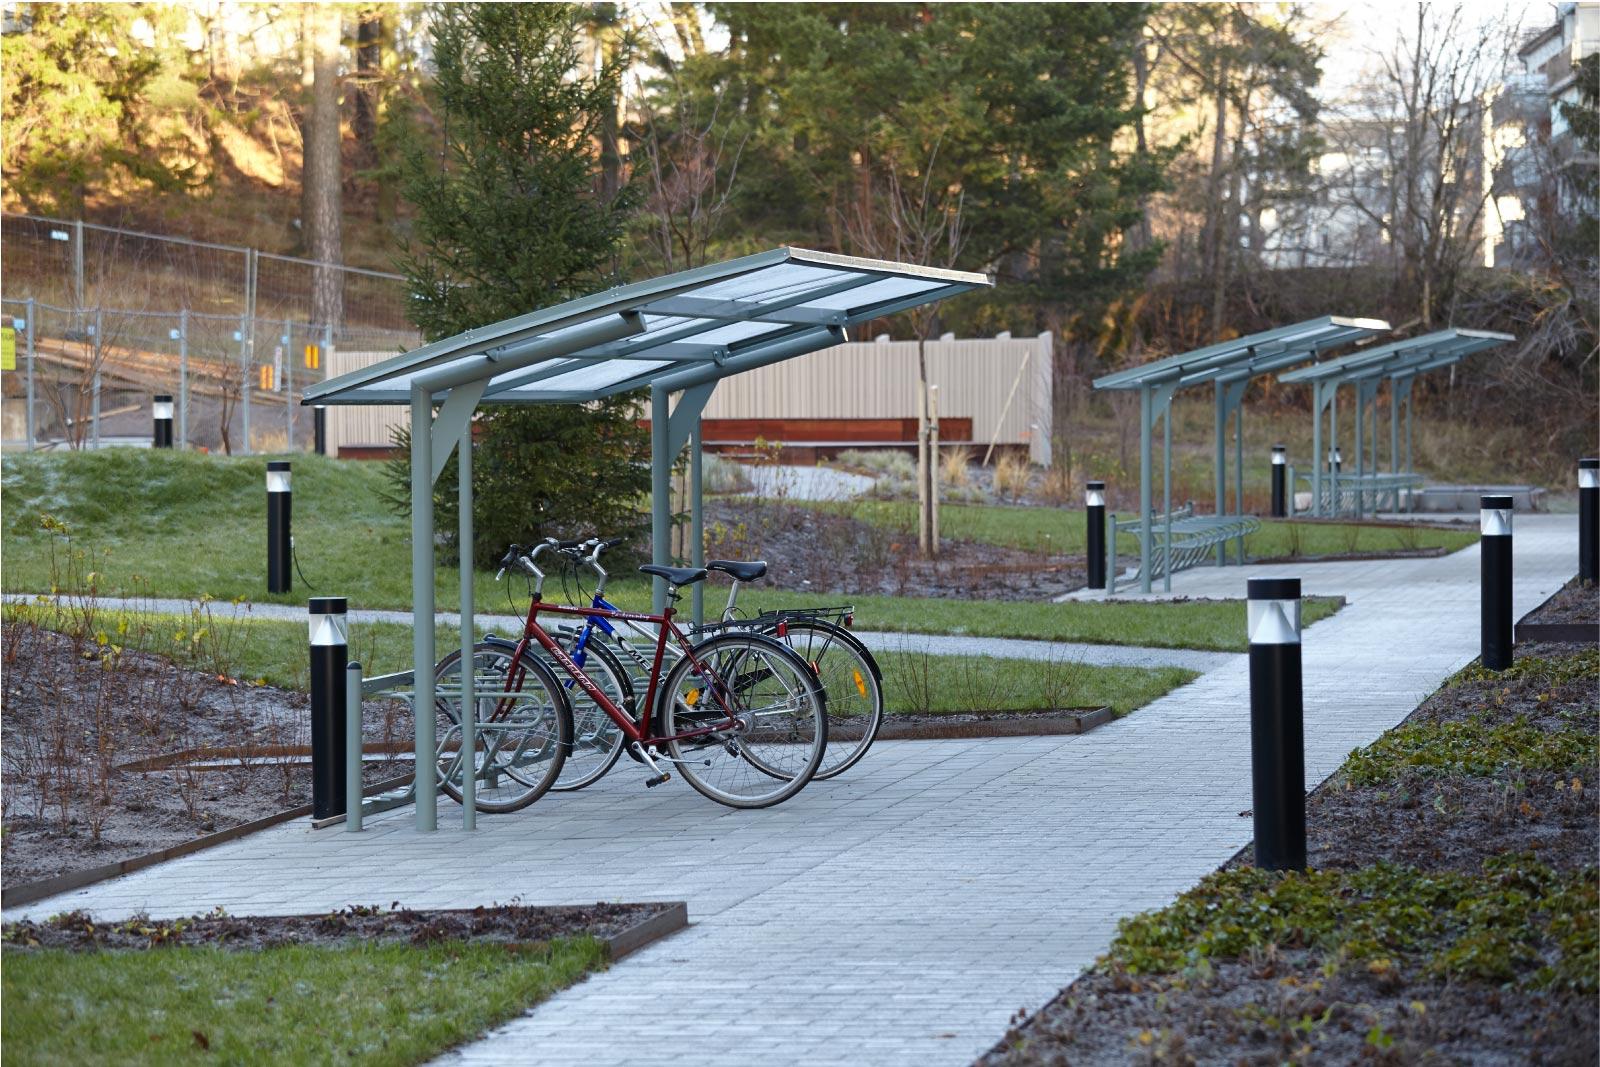 Cyklos KAPPA 5,5 metrin pyöräkatos, ilman päätytolppaa ja Delta runkolukitusteline, pyöräkatos taloyhtiönpihalla